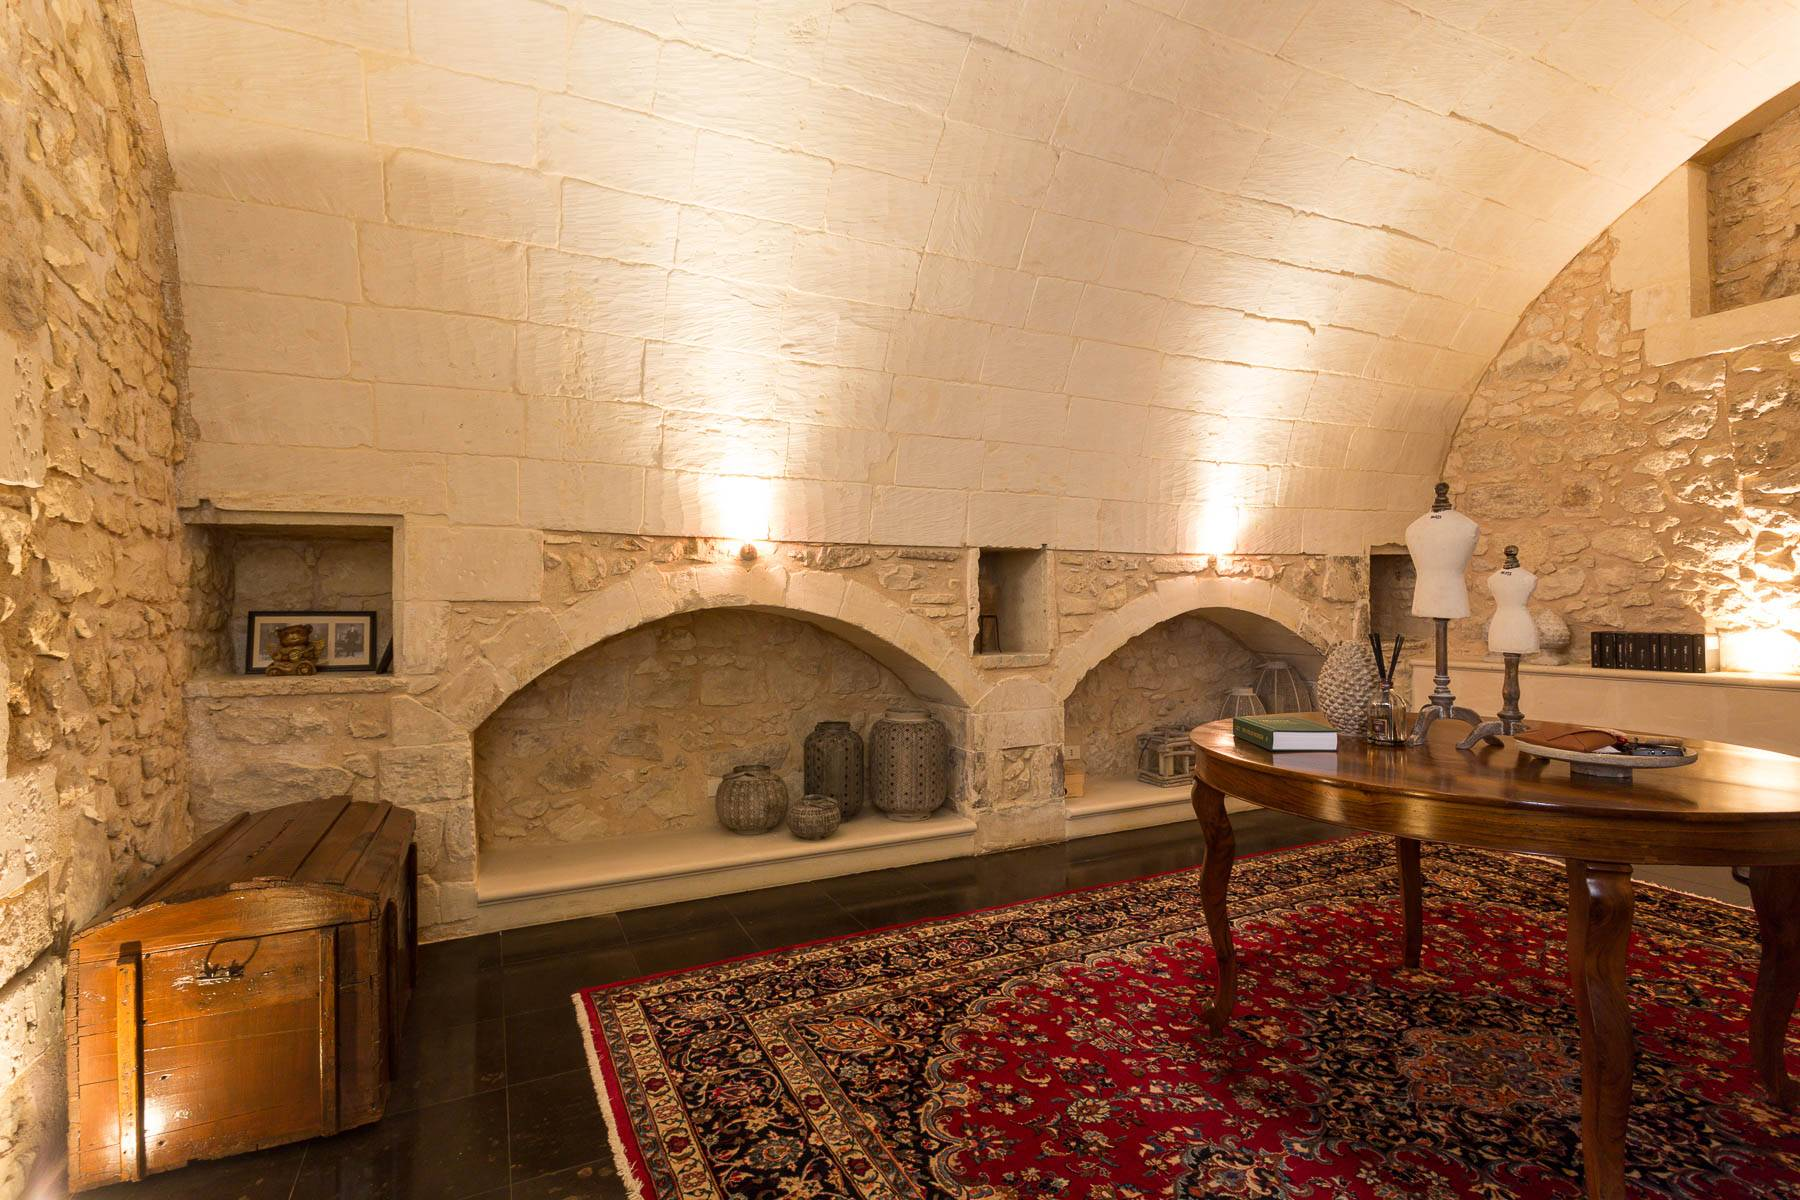 Casa indipendente in Vendita a Ragusa: 5 locali, 200 mq - Foto 10